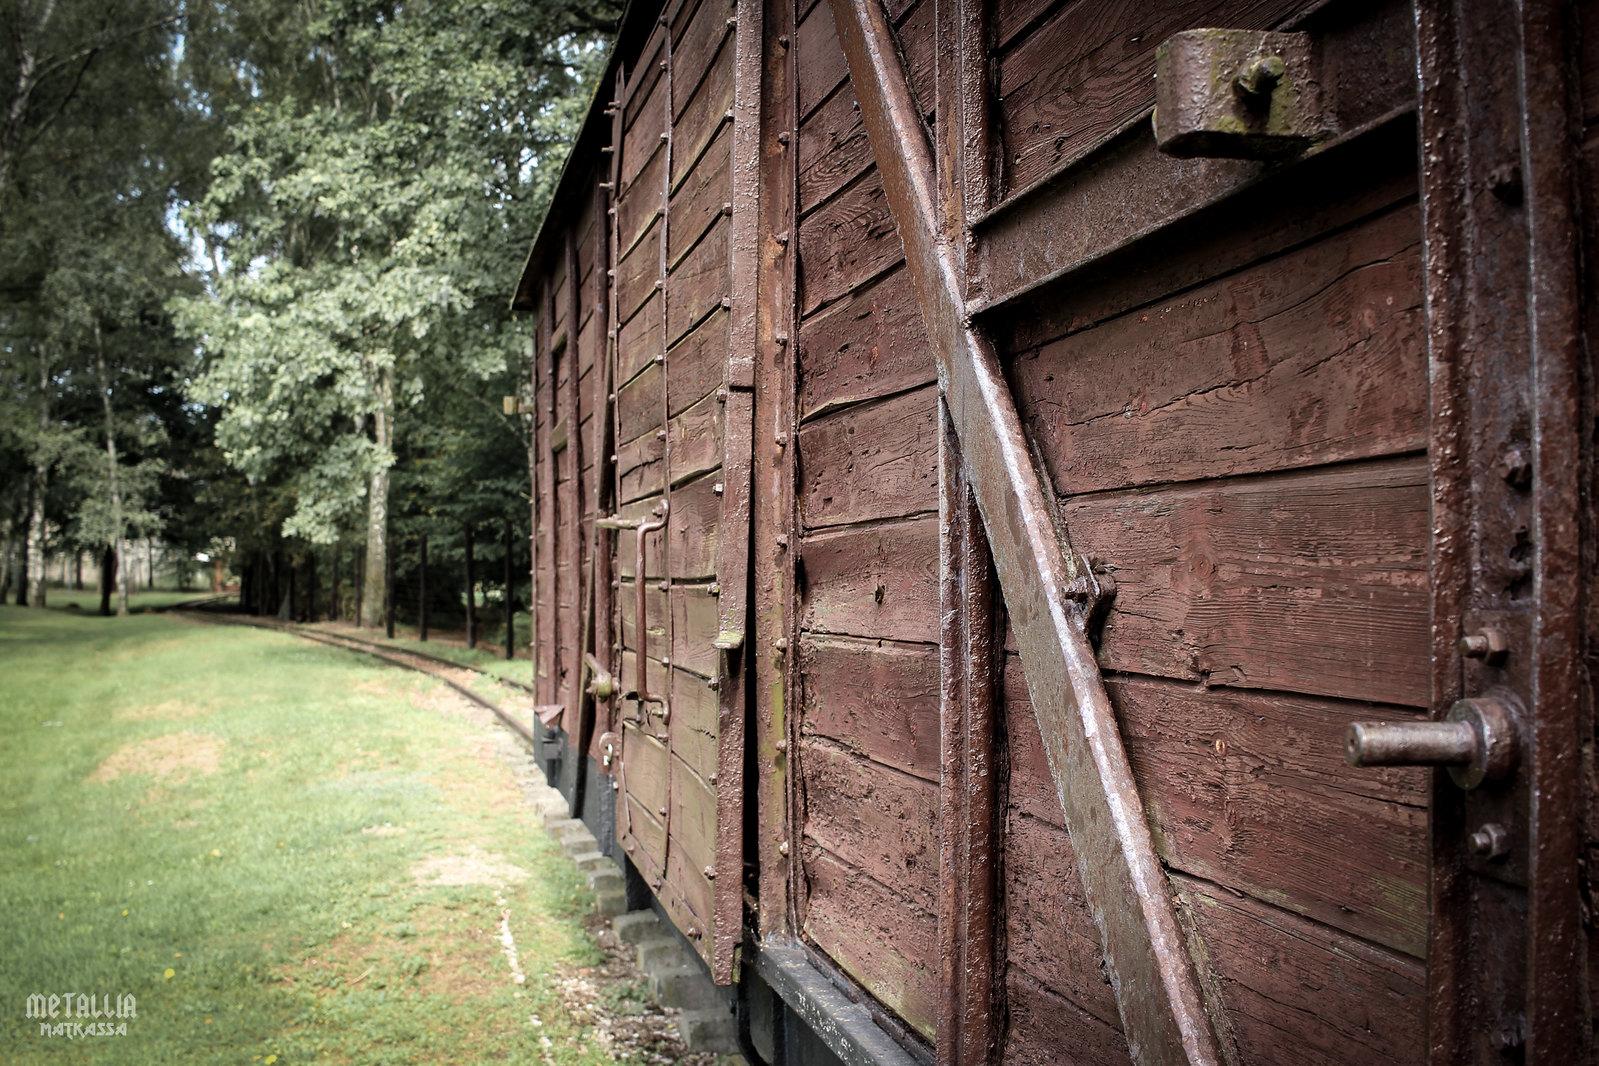 stutthof concentration camp, kl stutthof, muzeum stutthof w sztutowie, sztutowo, stutthofin keskitysleiri, tuskaturismi, dark tourism